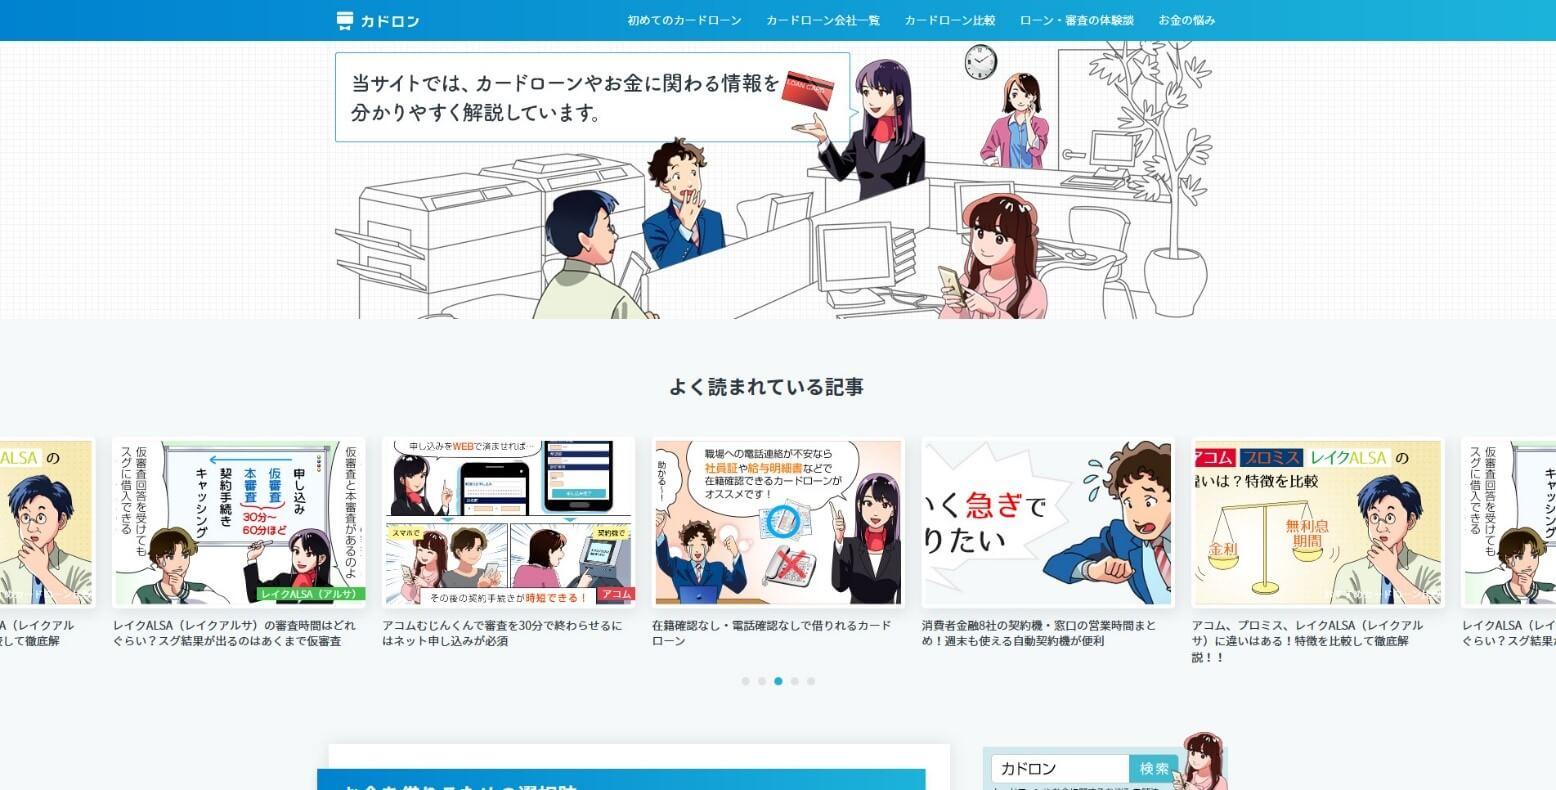 【最新】勝手にホームページリニューアル分析〜カドロン編〜